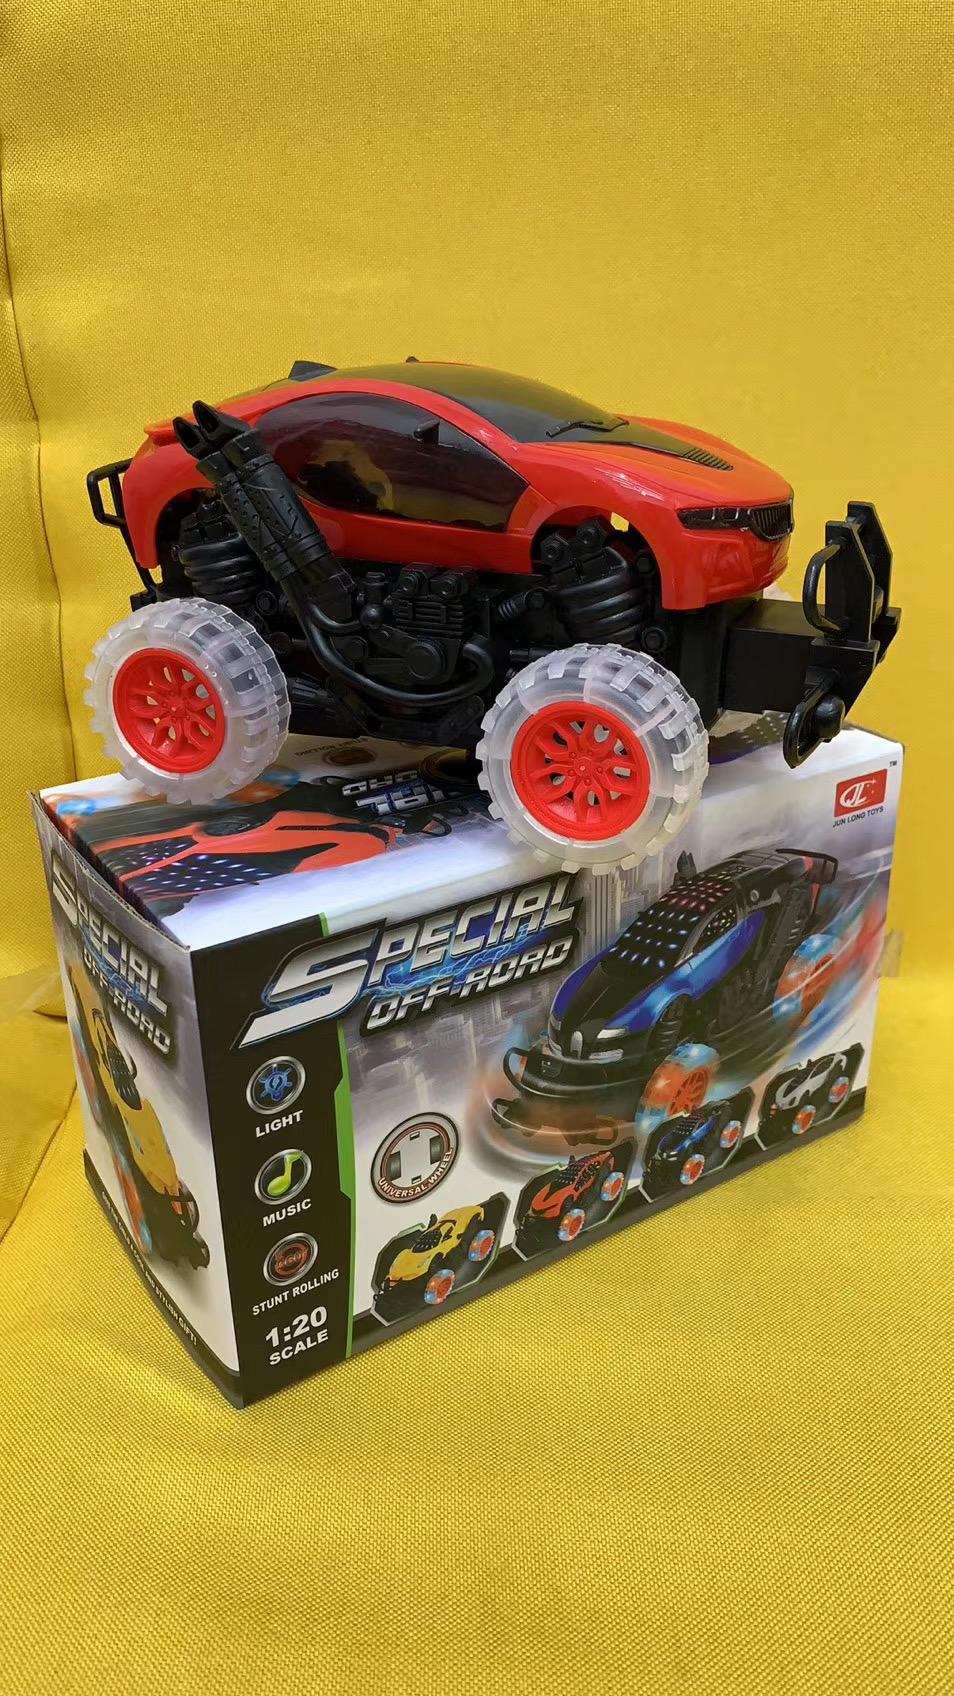 儿童特技玩具车系列 玩具货源批发 摆地摊夜市卖什么好